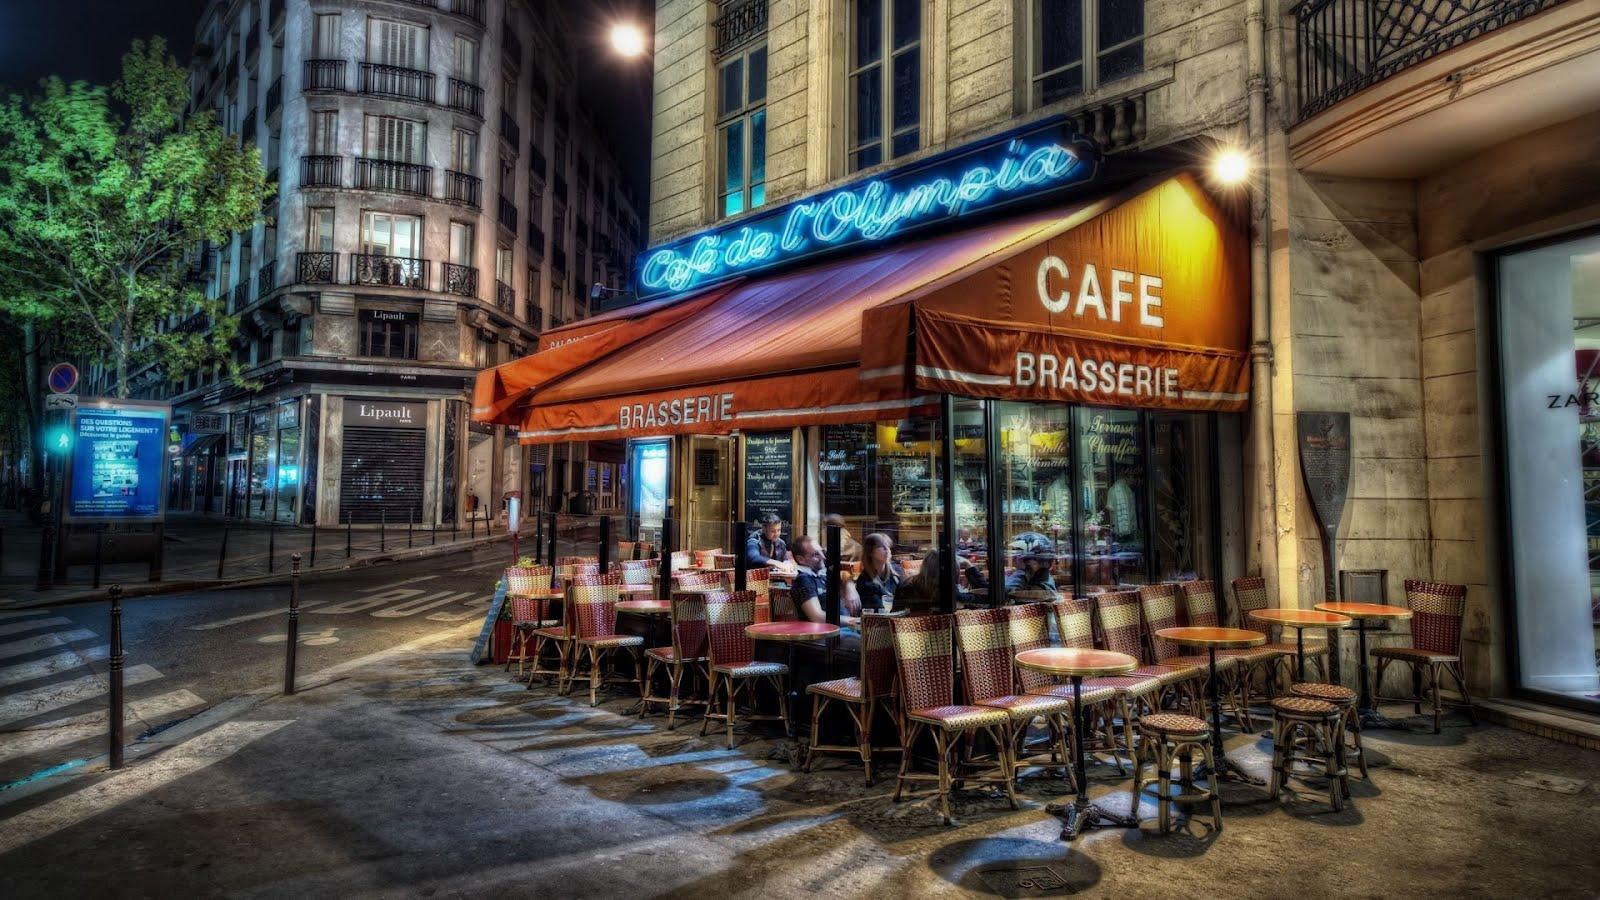 http://3.bp.blogspot.com/-pgL0imele7k/T5pll2tvBkI/AAAAAAAAFXc/GC21eA4P6WI/s1600/cafenea_in_paris.jpg